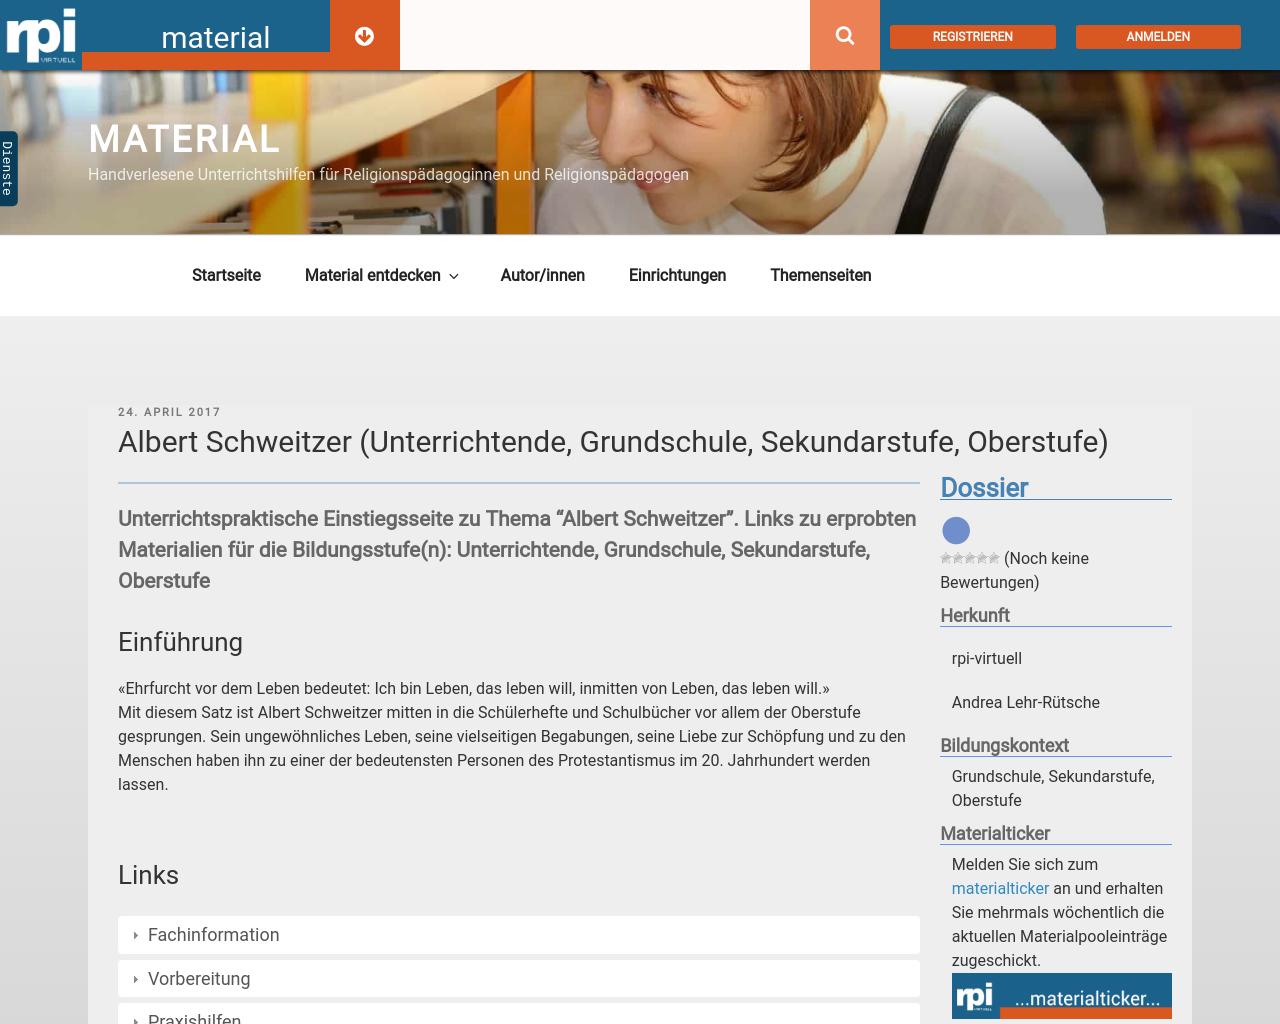 albert schweitzer unterrichtende grundschule sekundarstufe oberstufe - Albert Schweitzer Lebenslauf